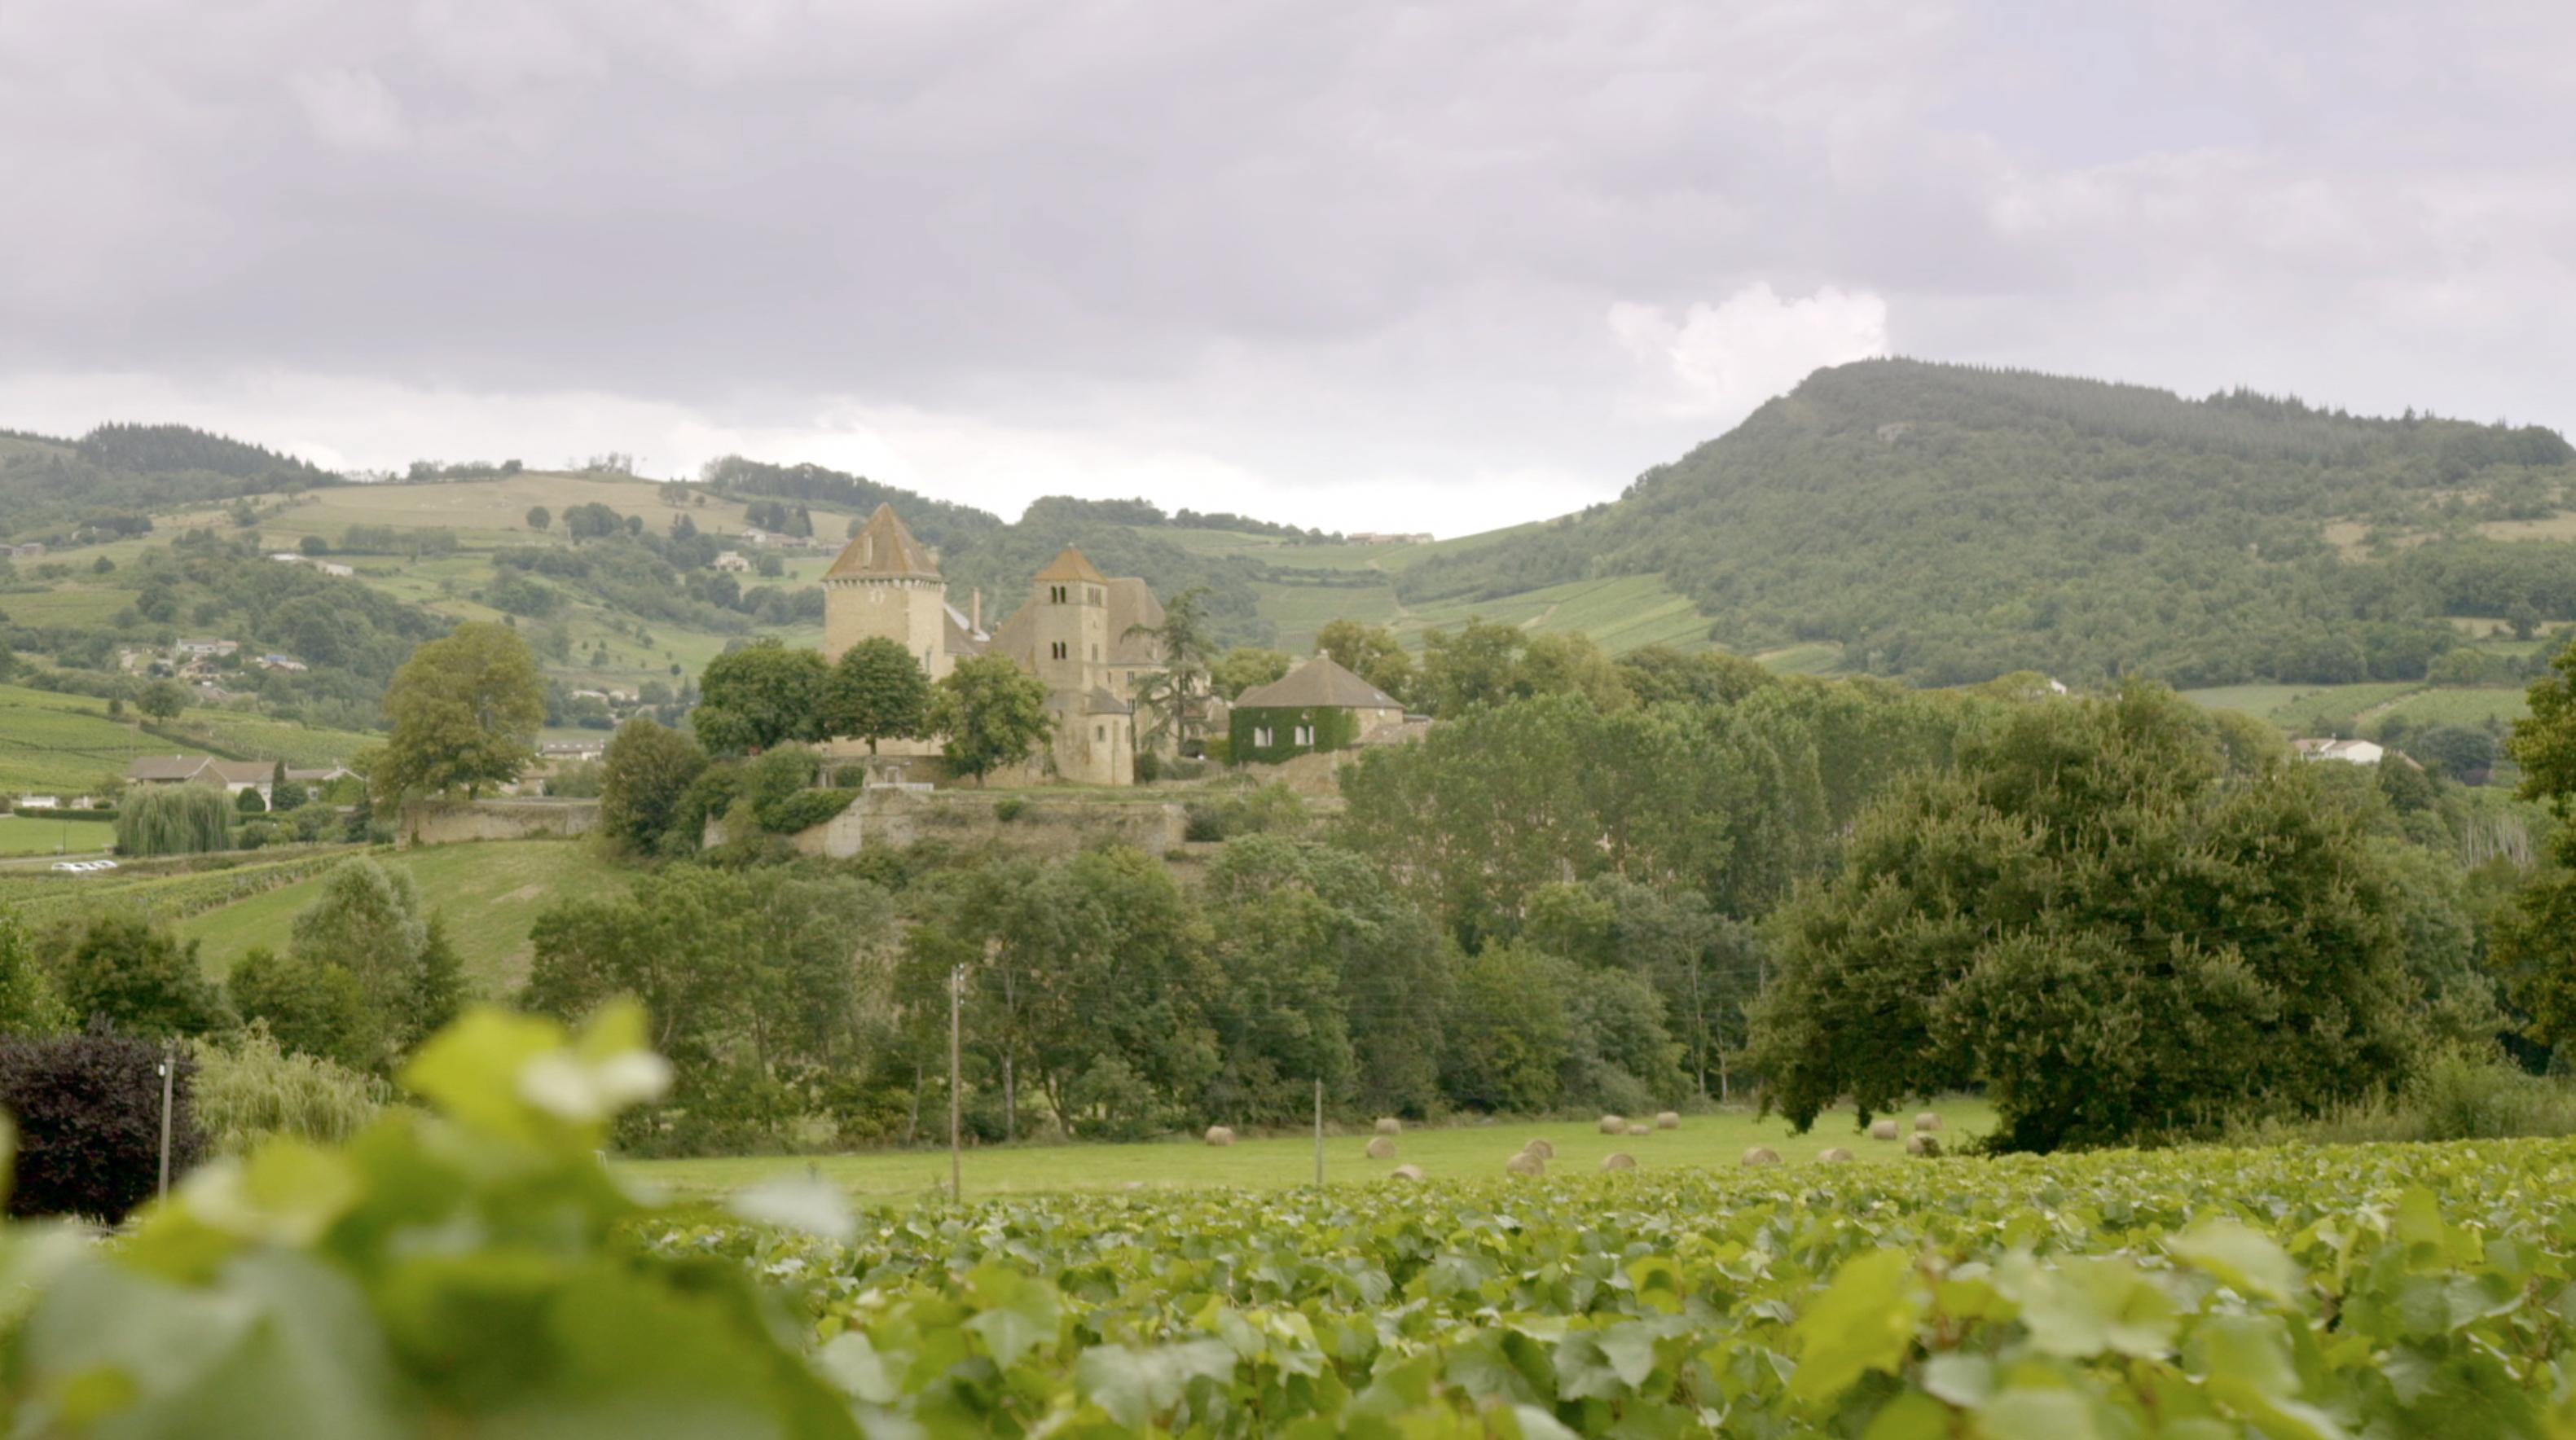 Na pomoc skarbowi narodowemu Francji − jak uratować cenne winorośle?